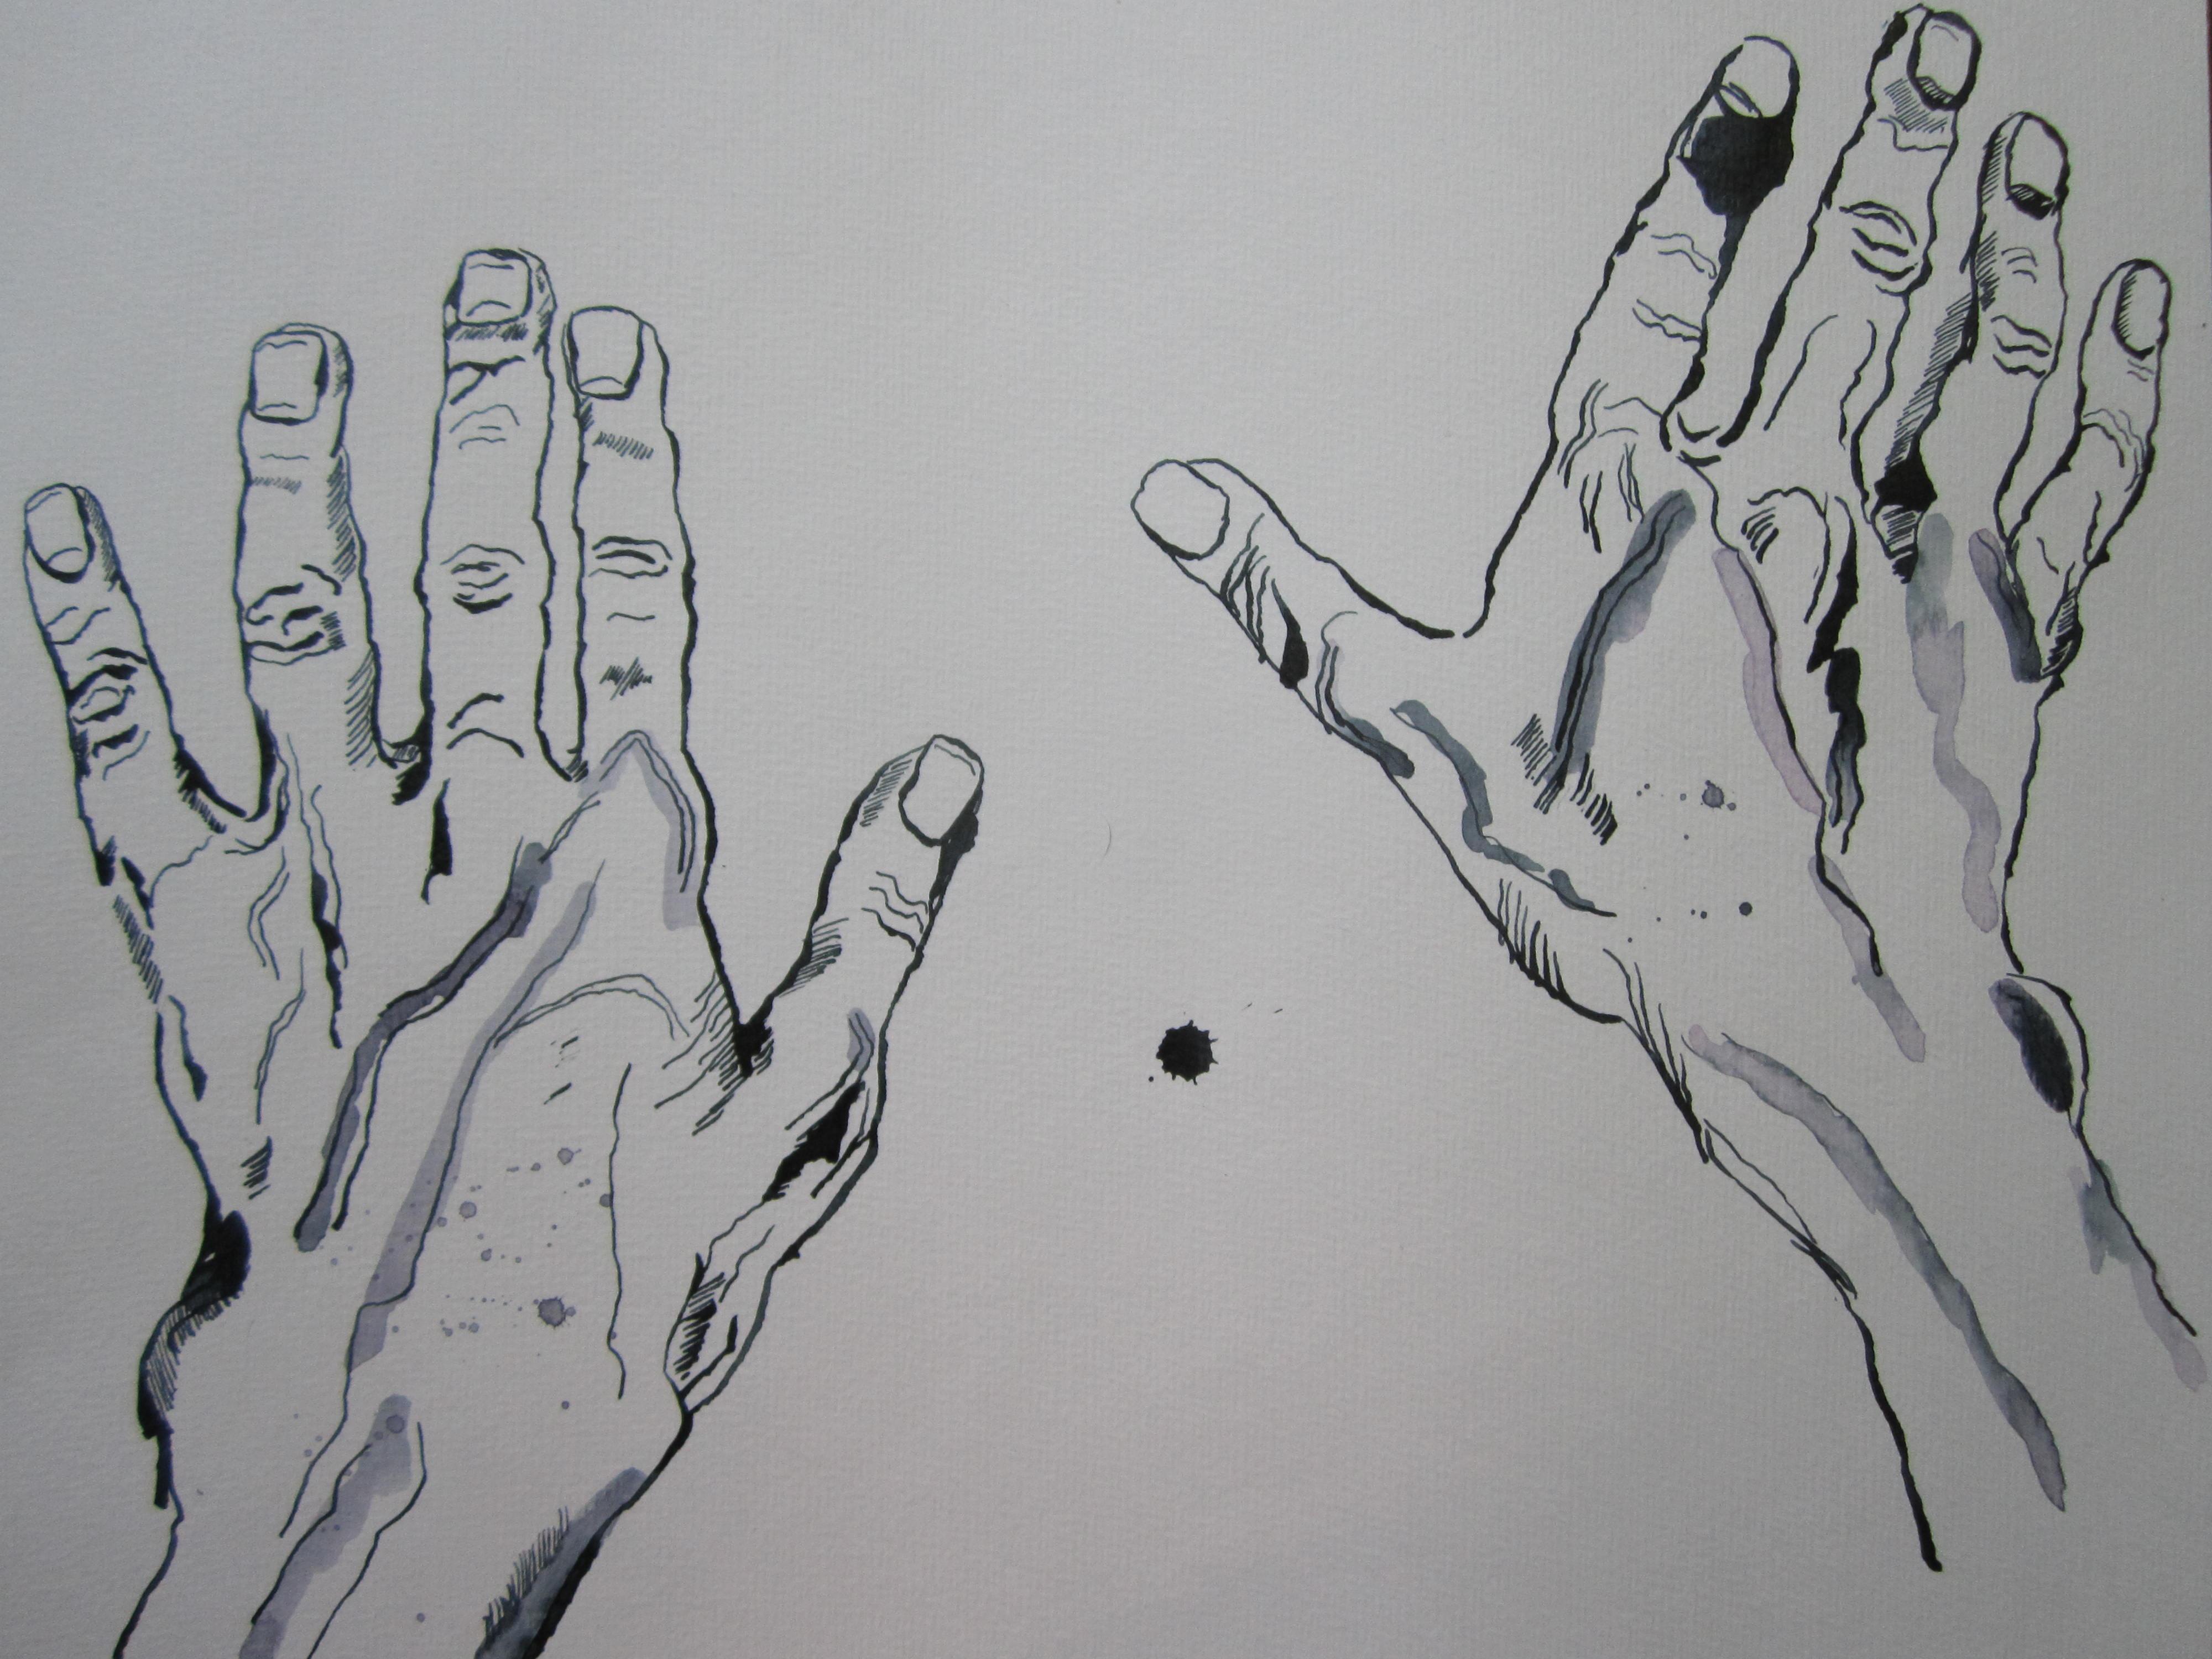 Entstehung Hände am Klavier - Zeichnung von Susanne Haun